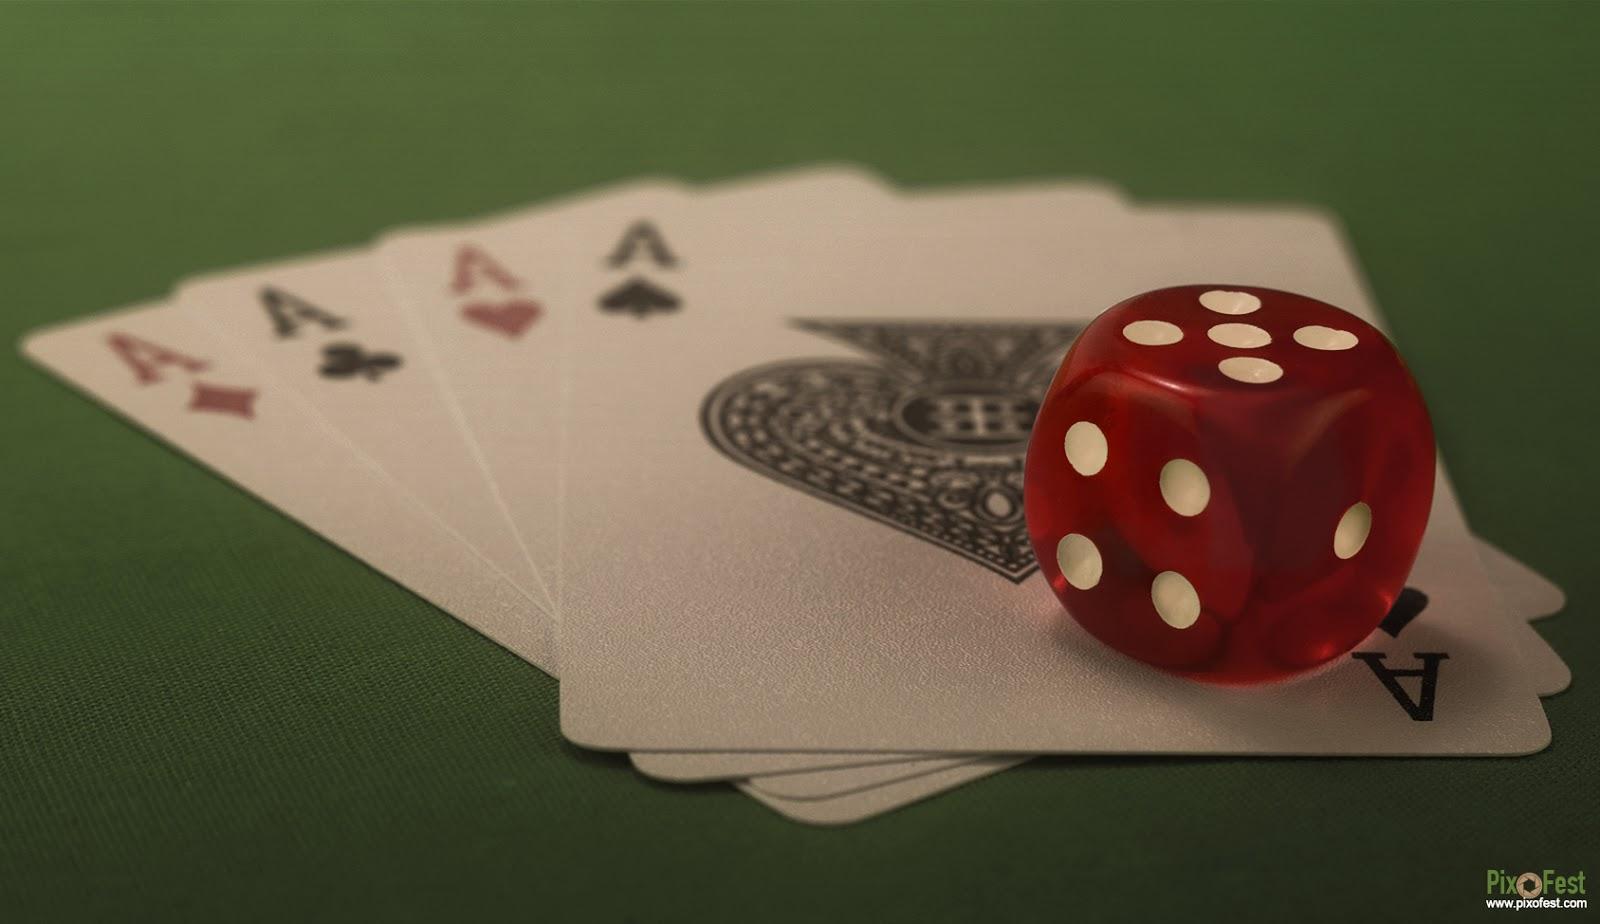 diceimage,dicepicture,dice,cube,cubeimage,cubepicture,cube wallpaper,red dice,dicewithcard,dicewithplayingcard,pixofest